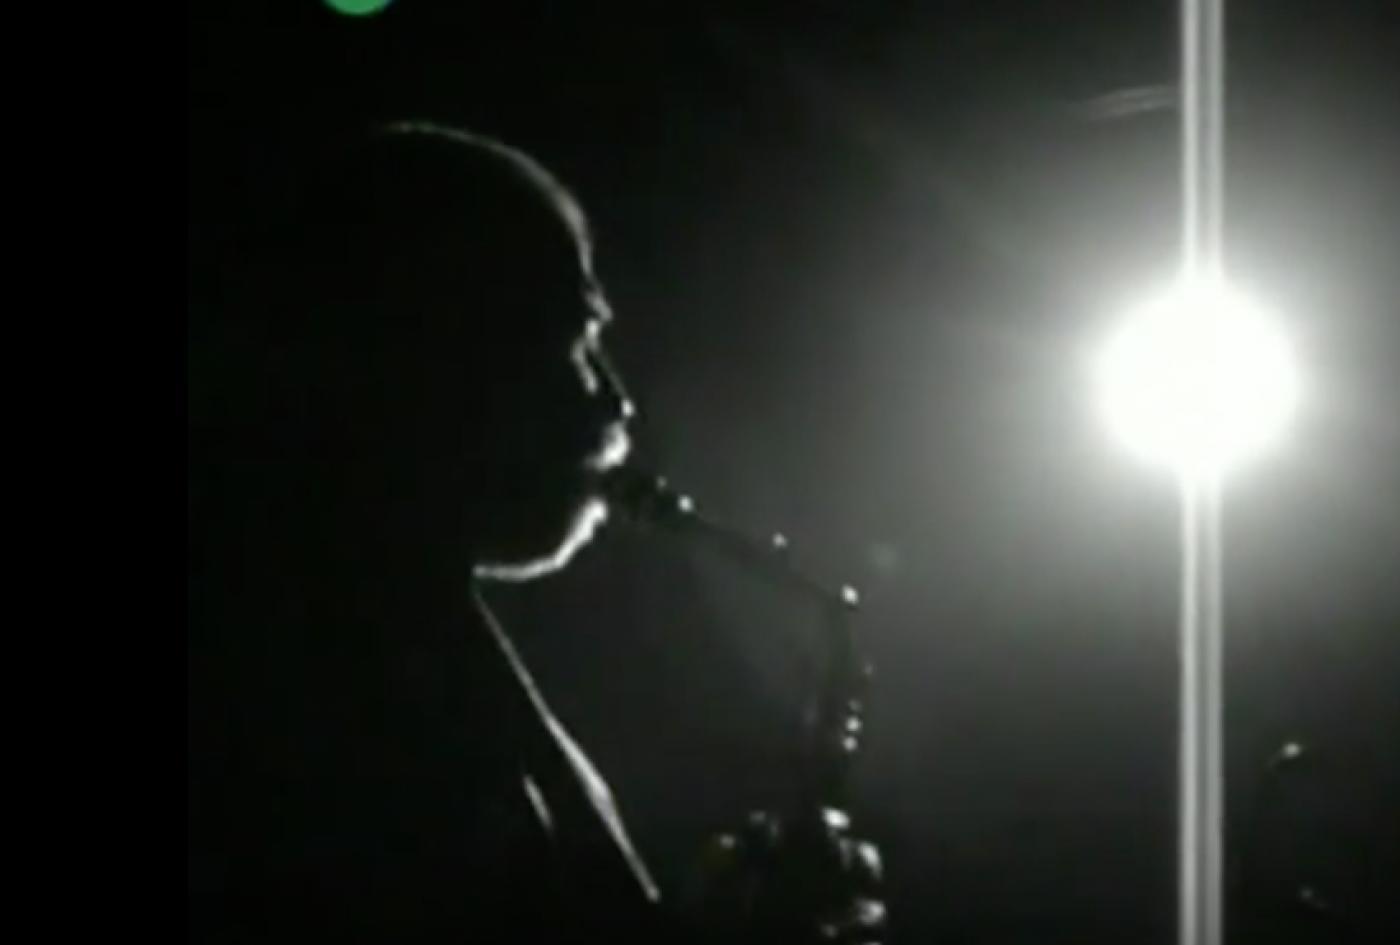 Peter Brotzmann, Jon Dobie, Jerzy Mazzoll, Shoji Hano - koncert w Mózgu, 11.11.2012